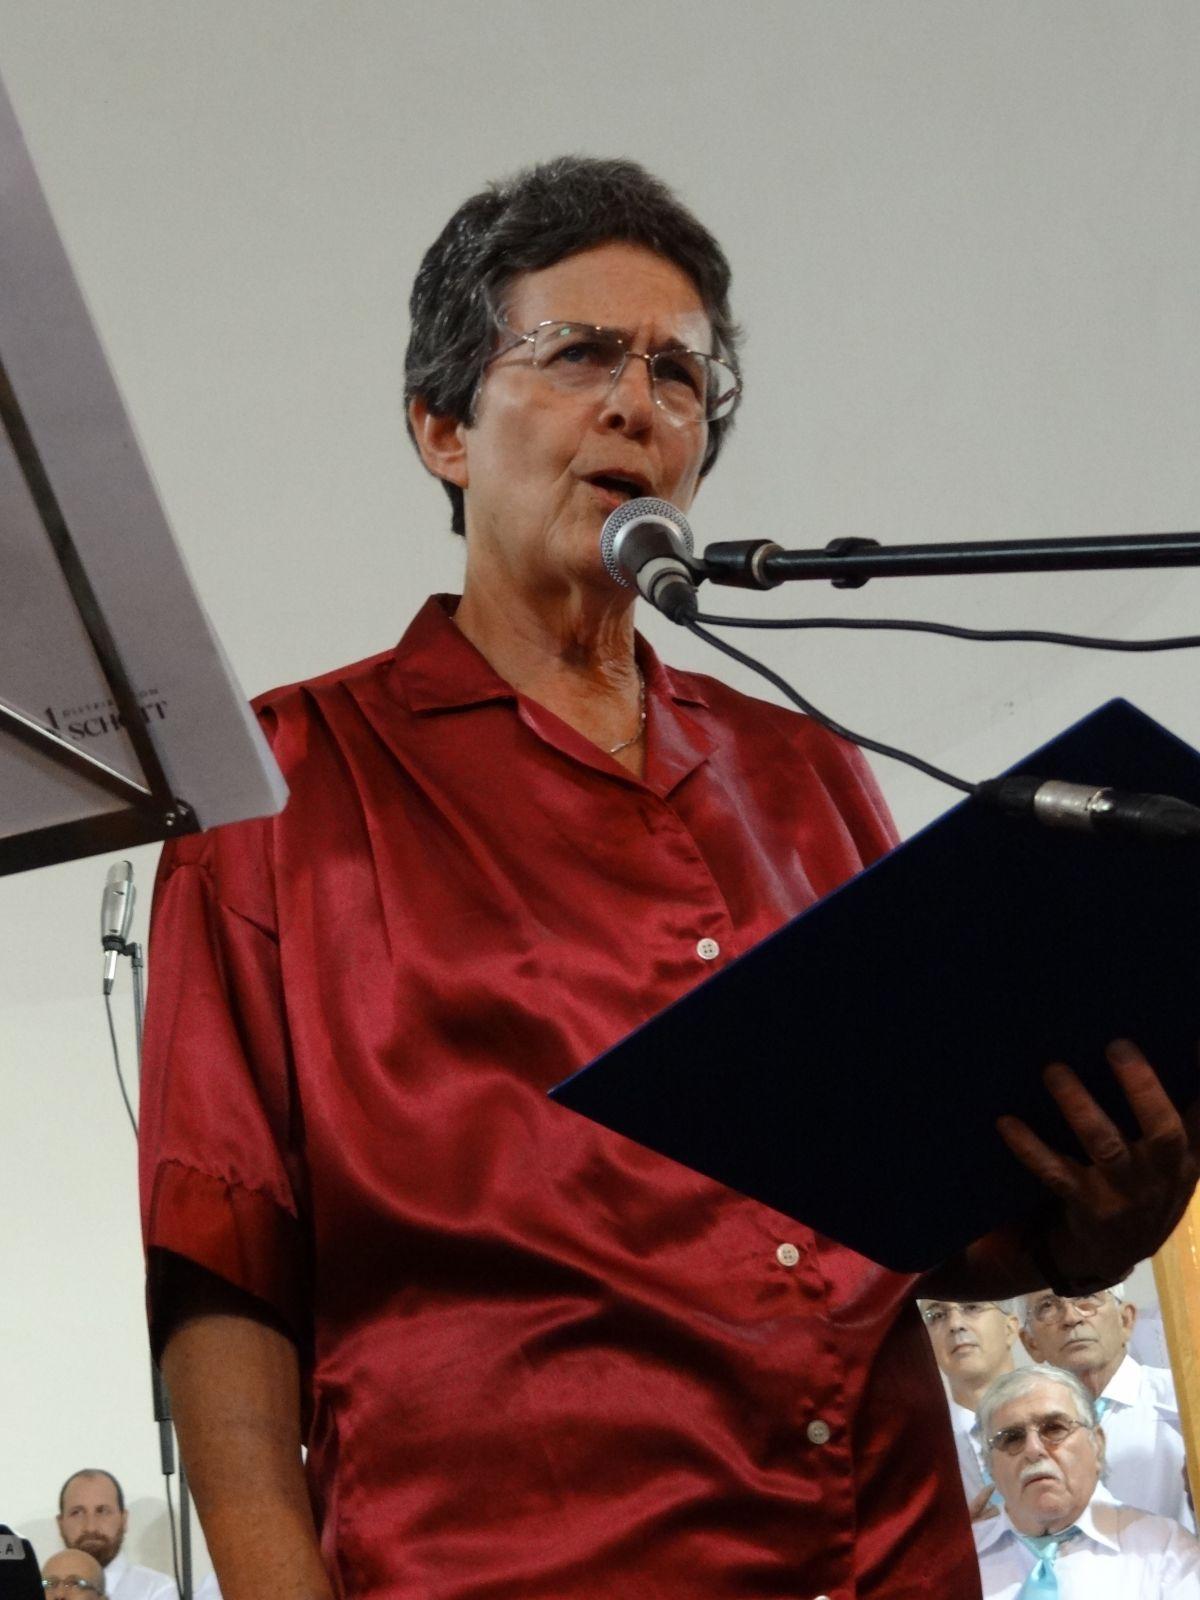 שדרנית קול-המוזיקה חיותה דביר בפסטיבל אבו-גוש, 19.10.11 (צילום: Hanay, רשיון cc-by-sa-3.0)